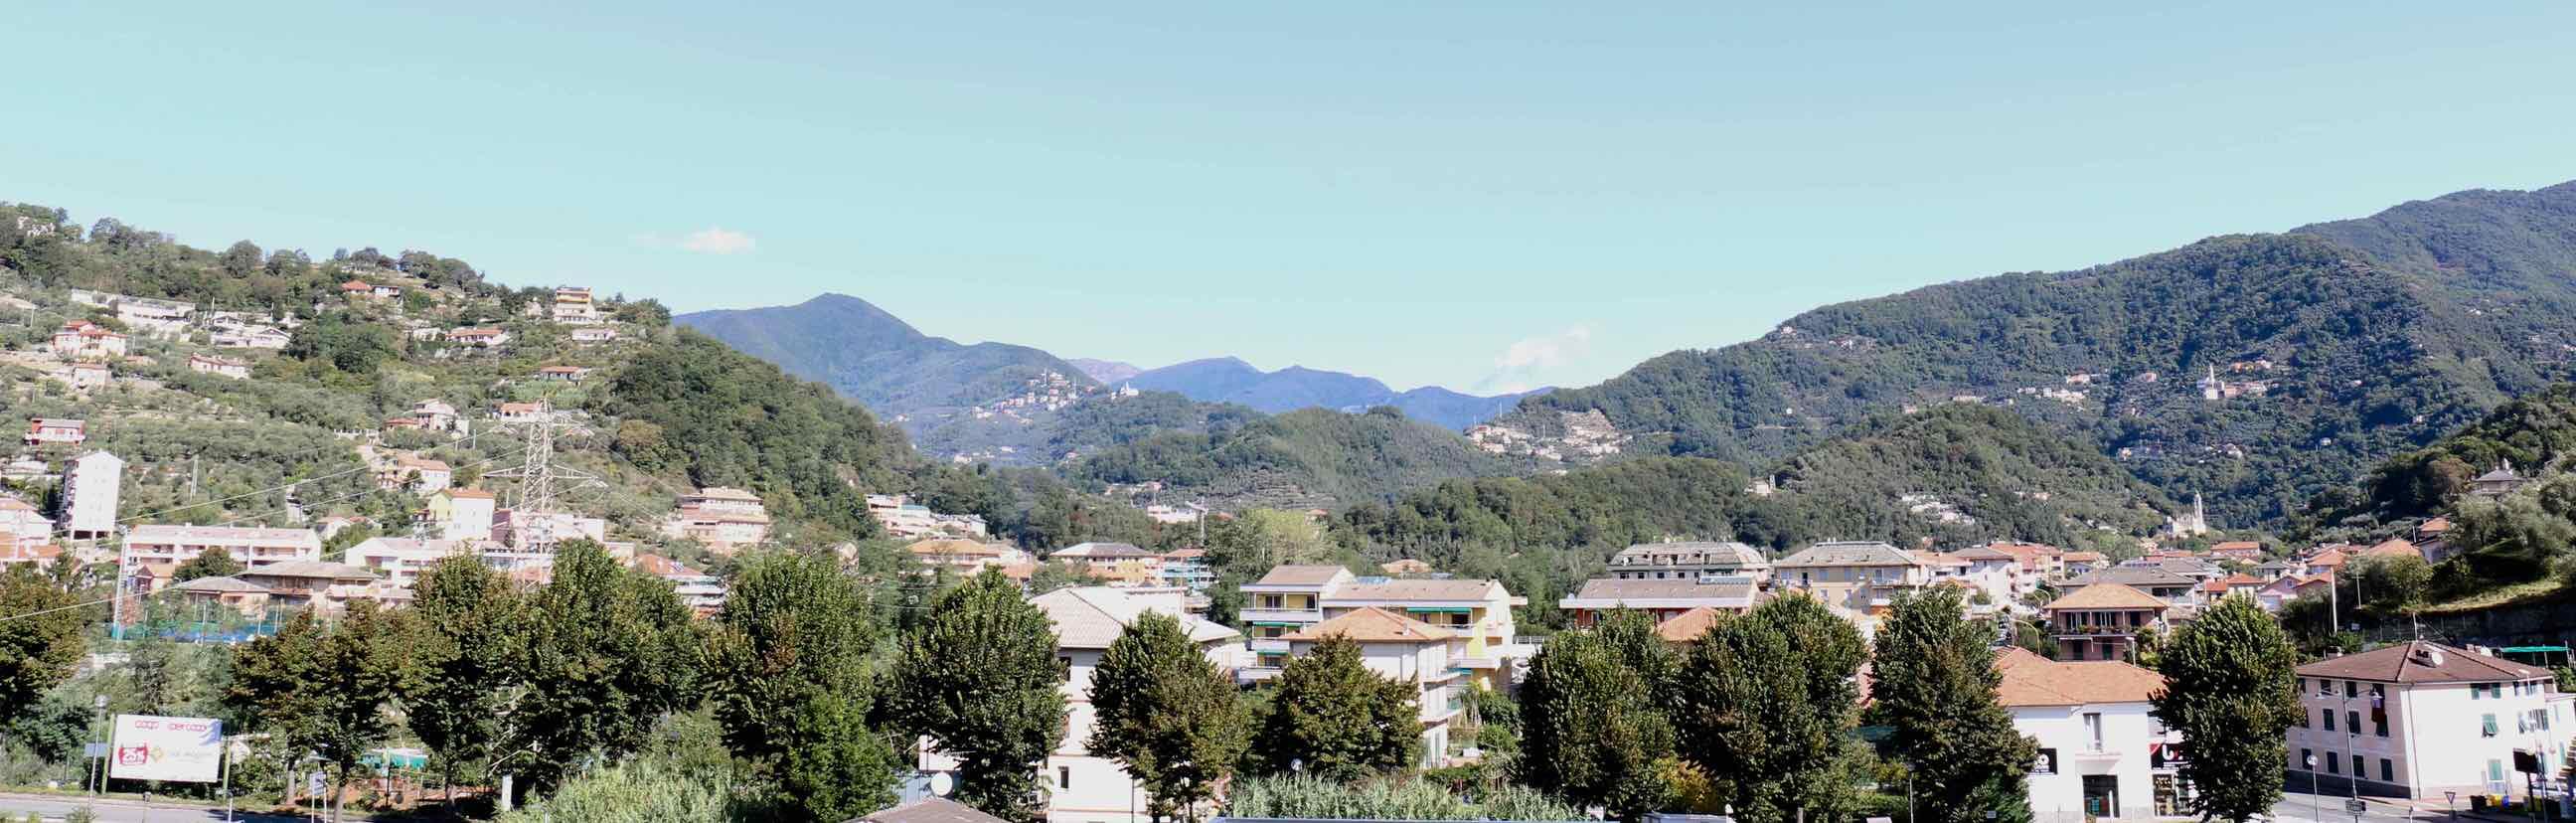 Casa per Ferie Villaggio Ospitale - Centro San Salvatore Villaggio del Ragazzo - 20